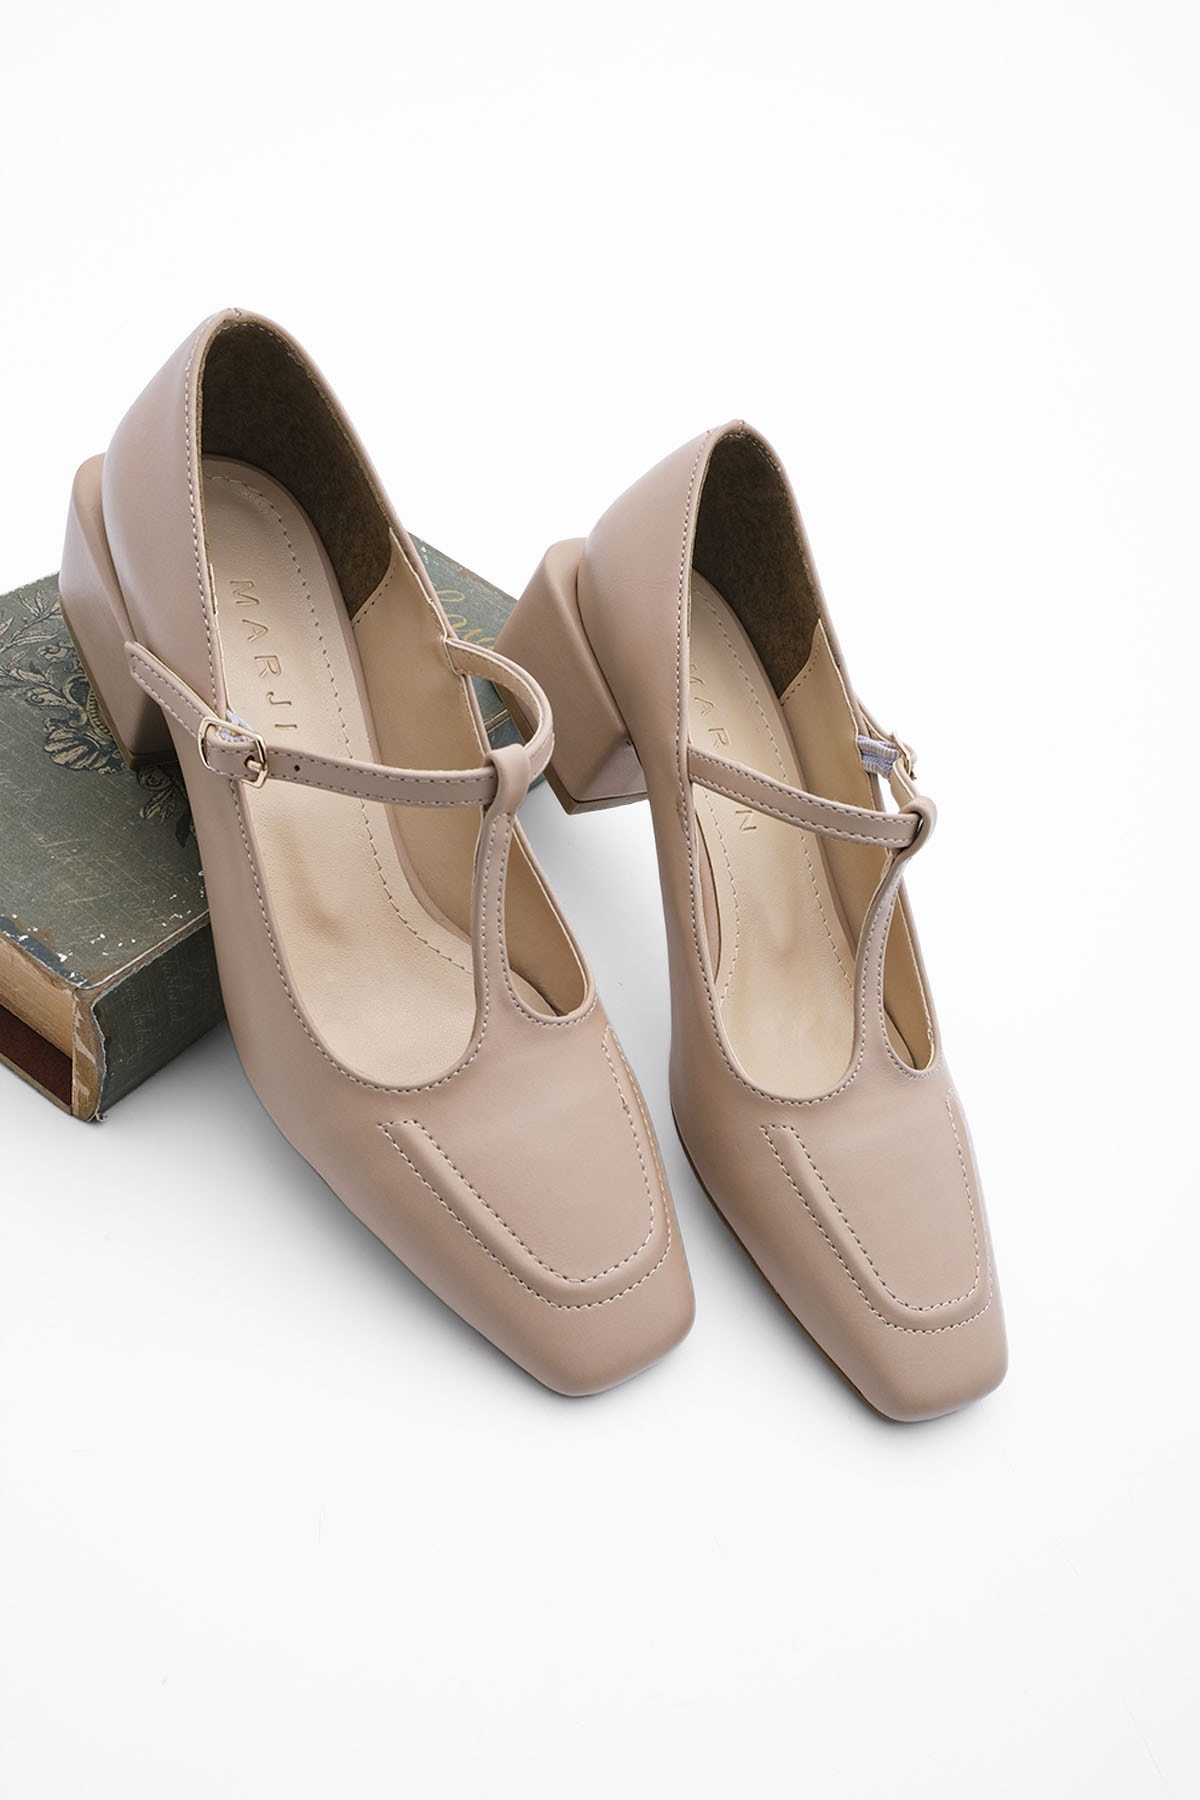 Kadın Günlük Klasik Topuklu Ayakkabı Panribej